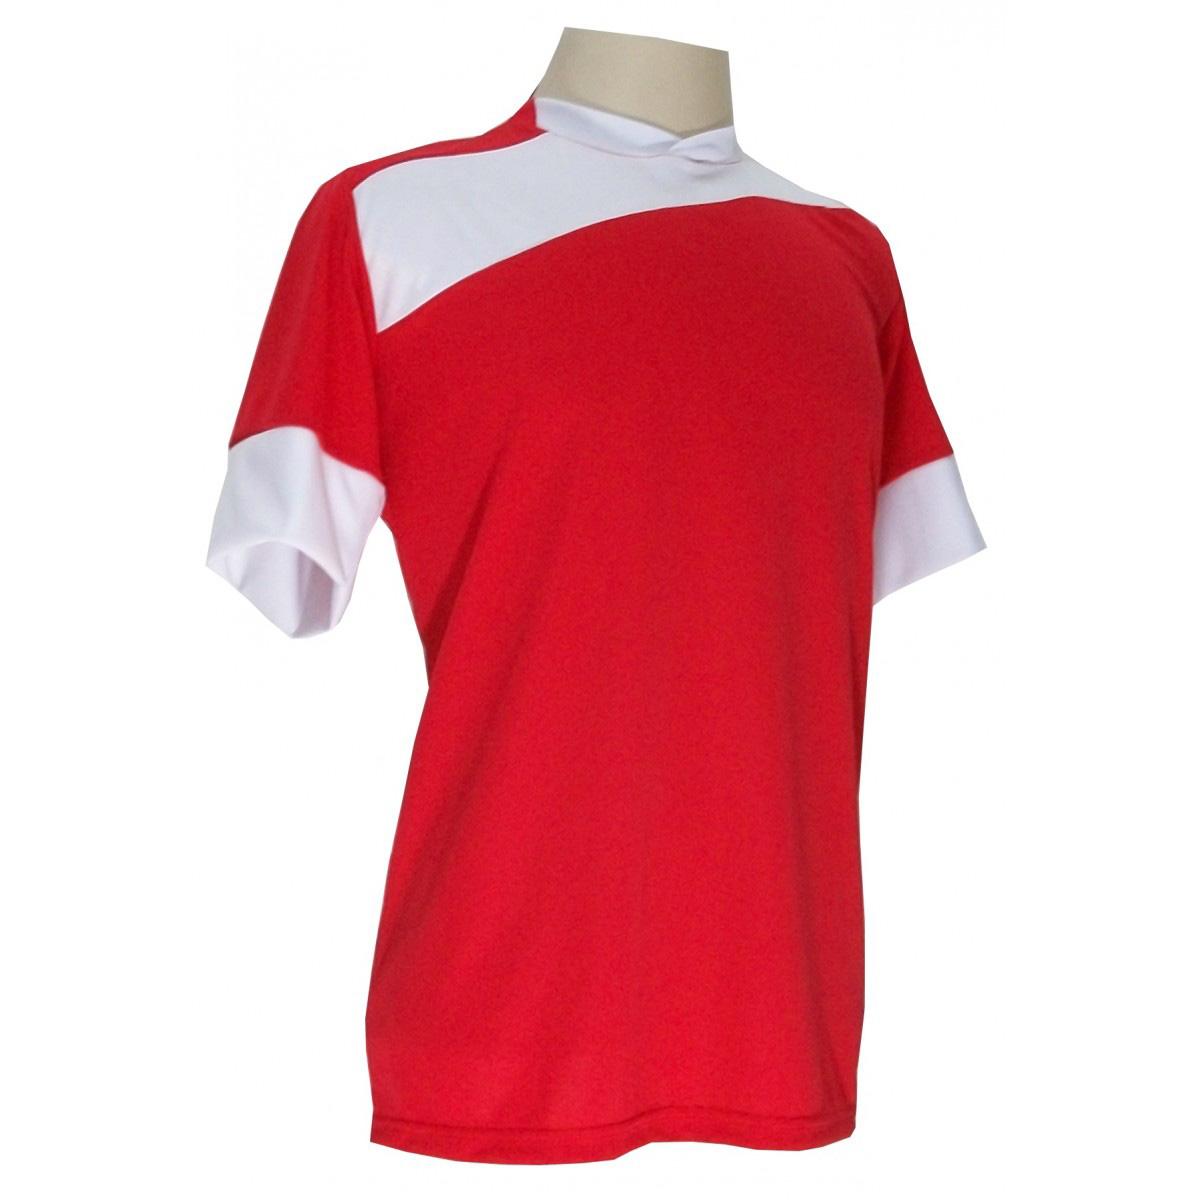 Uniforme Esportivo Completo modelo Sporting 14+1 (14 camisas Vermelho/Branco + 14 calções Madrid Vermelho + 14 pares de meiões Branco + 1 conjunto de goleiro) + Brindes